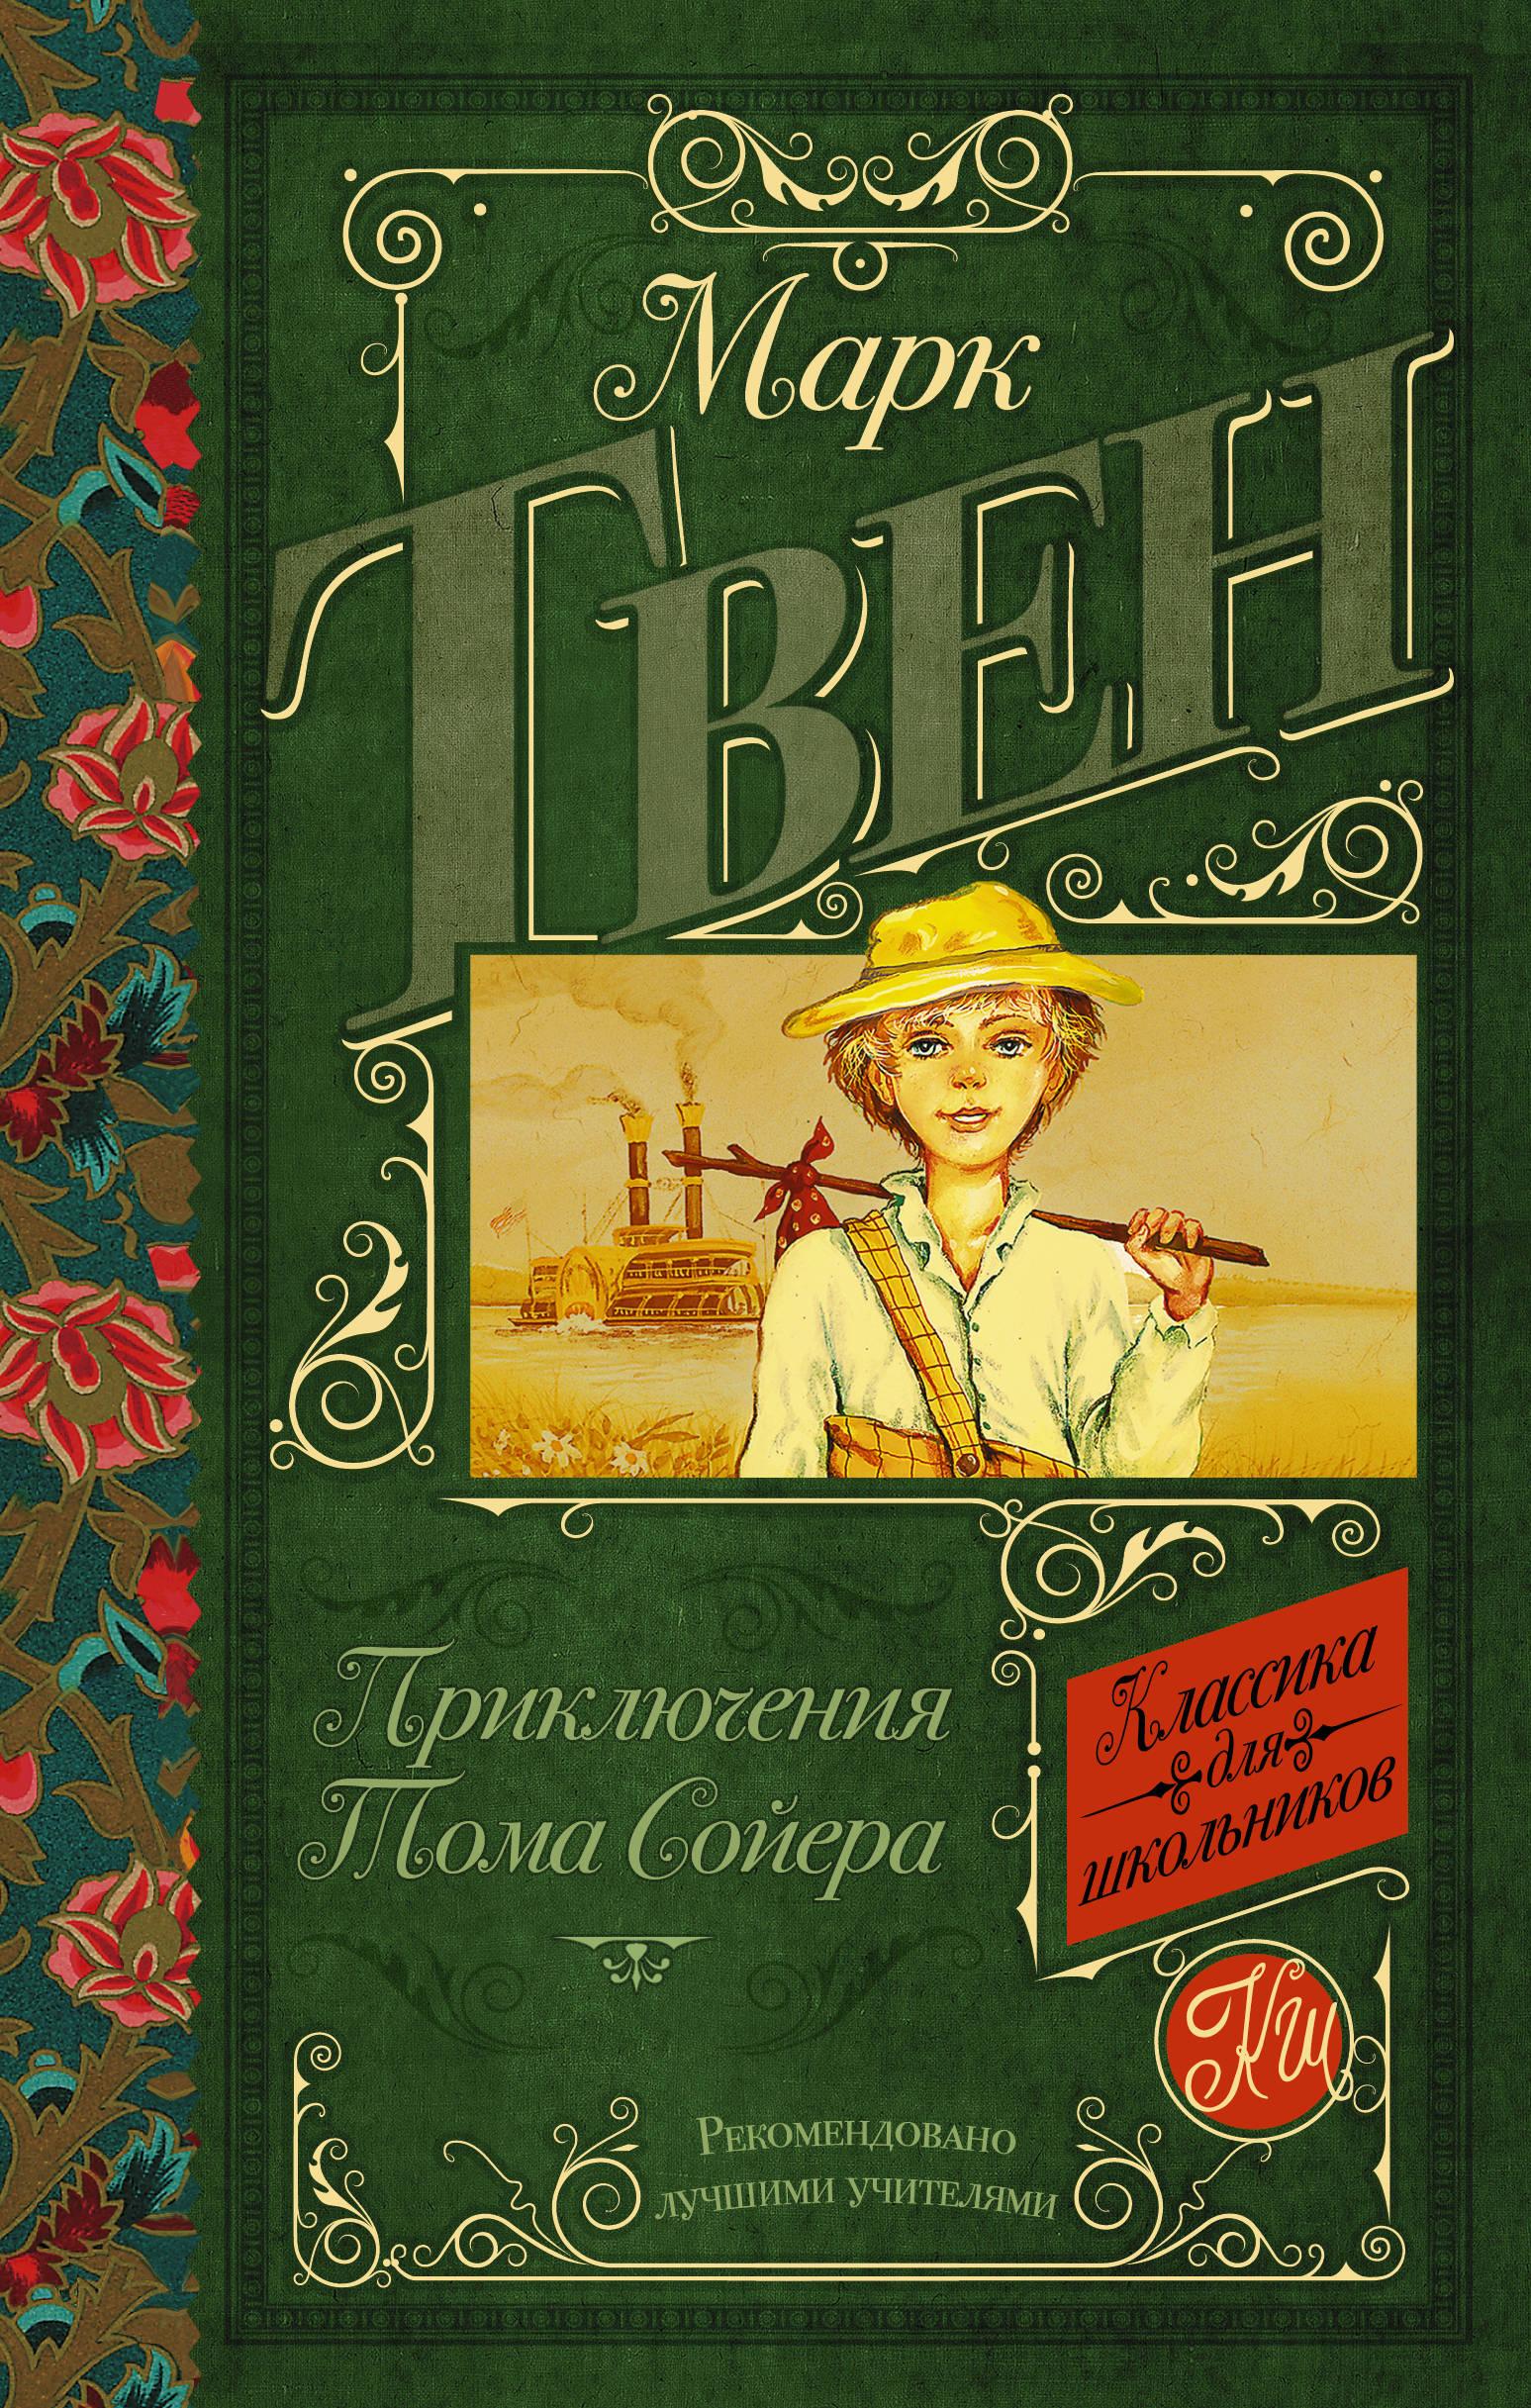 fb2 приключения тома сойера отзыв